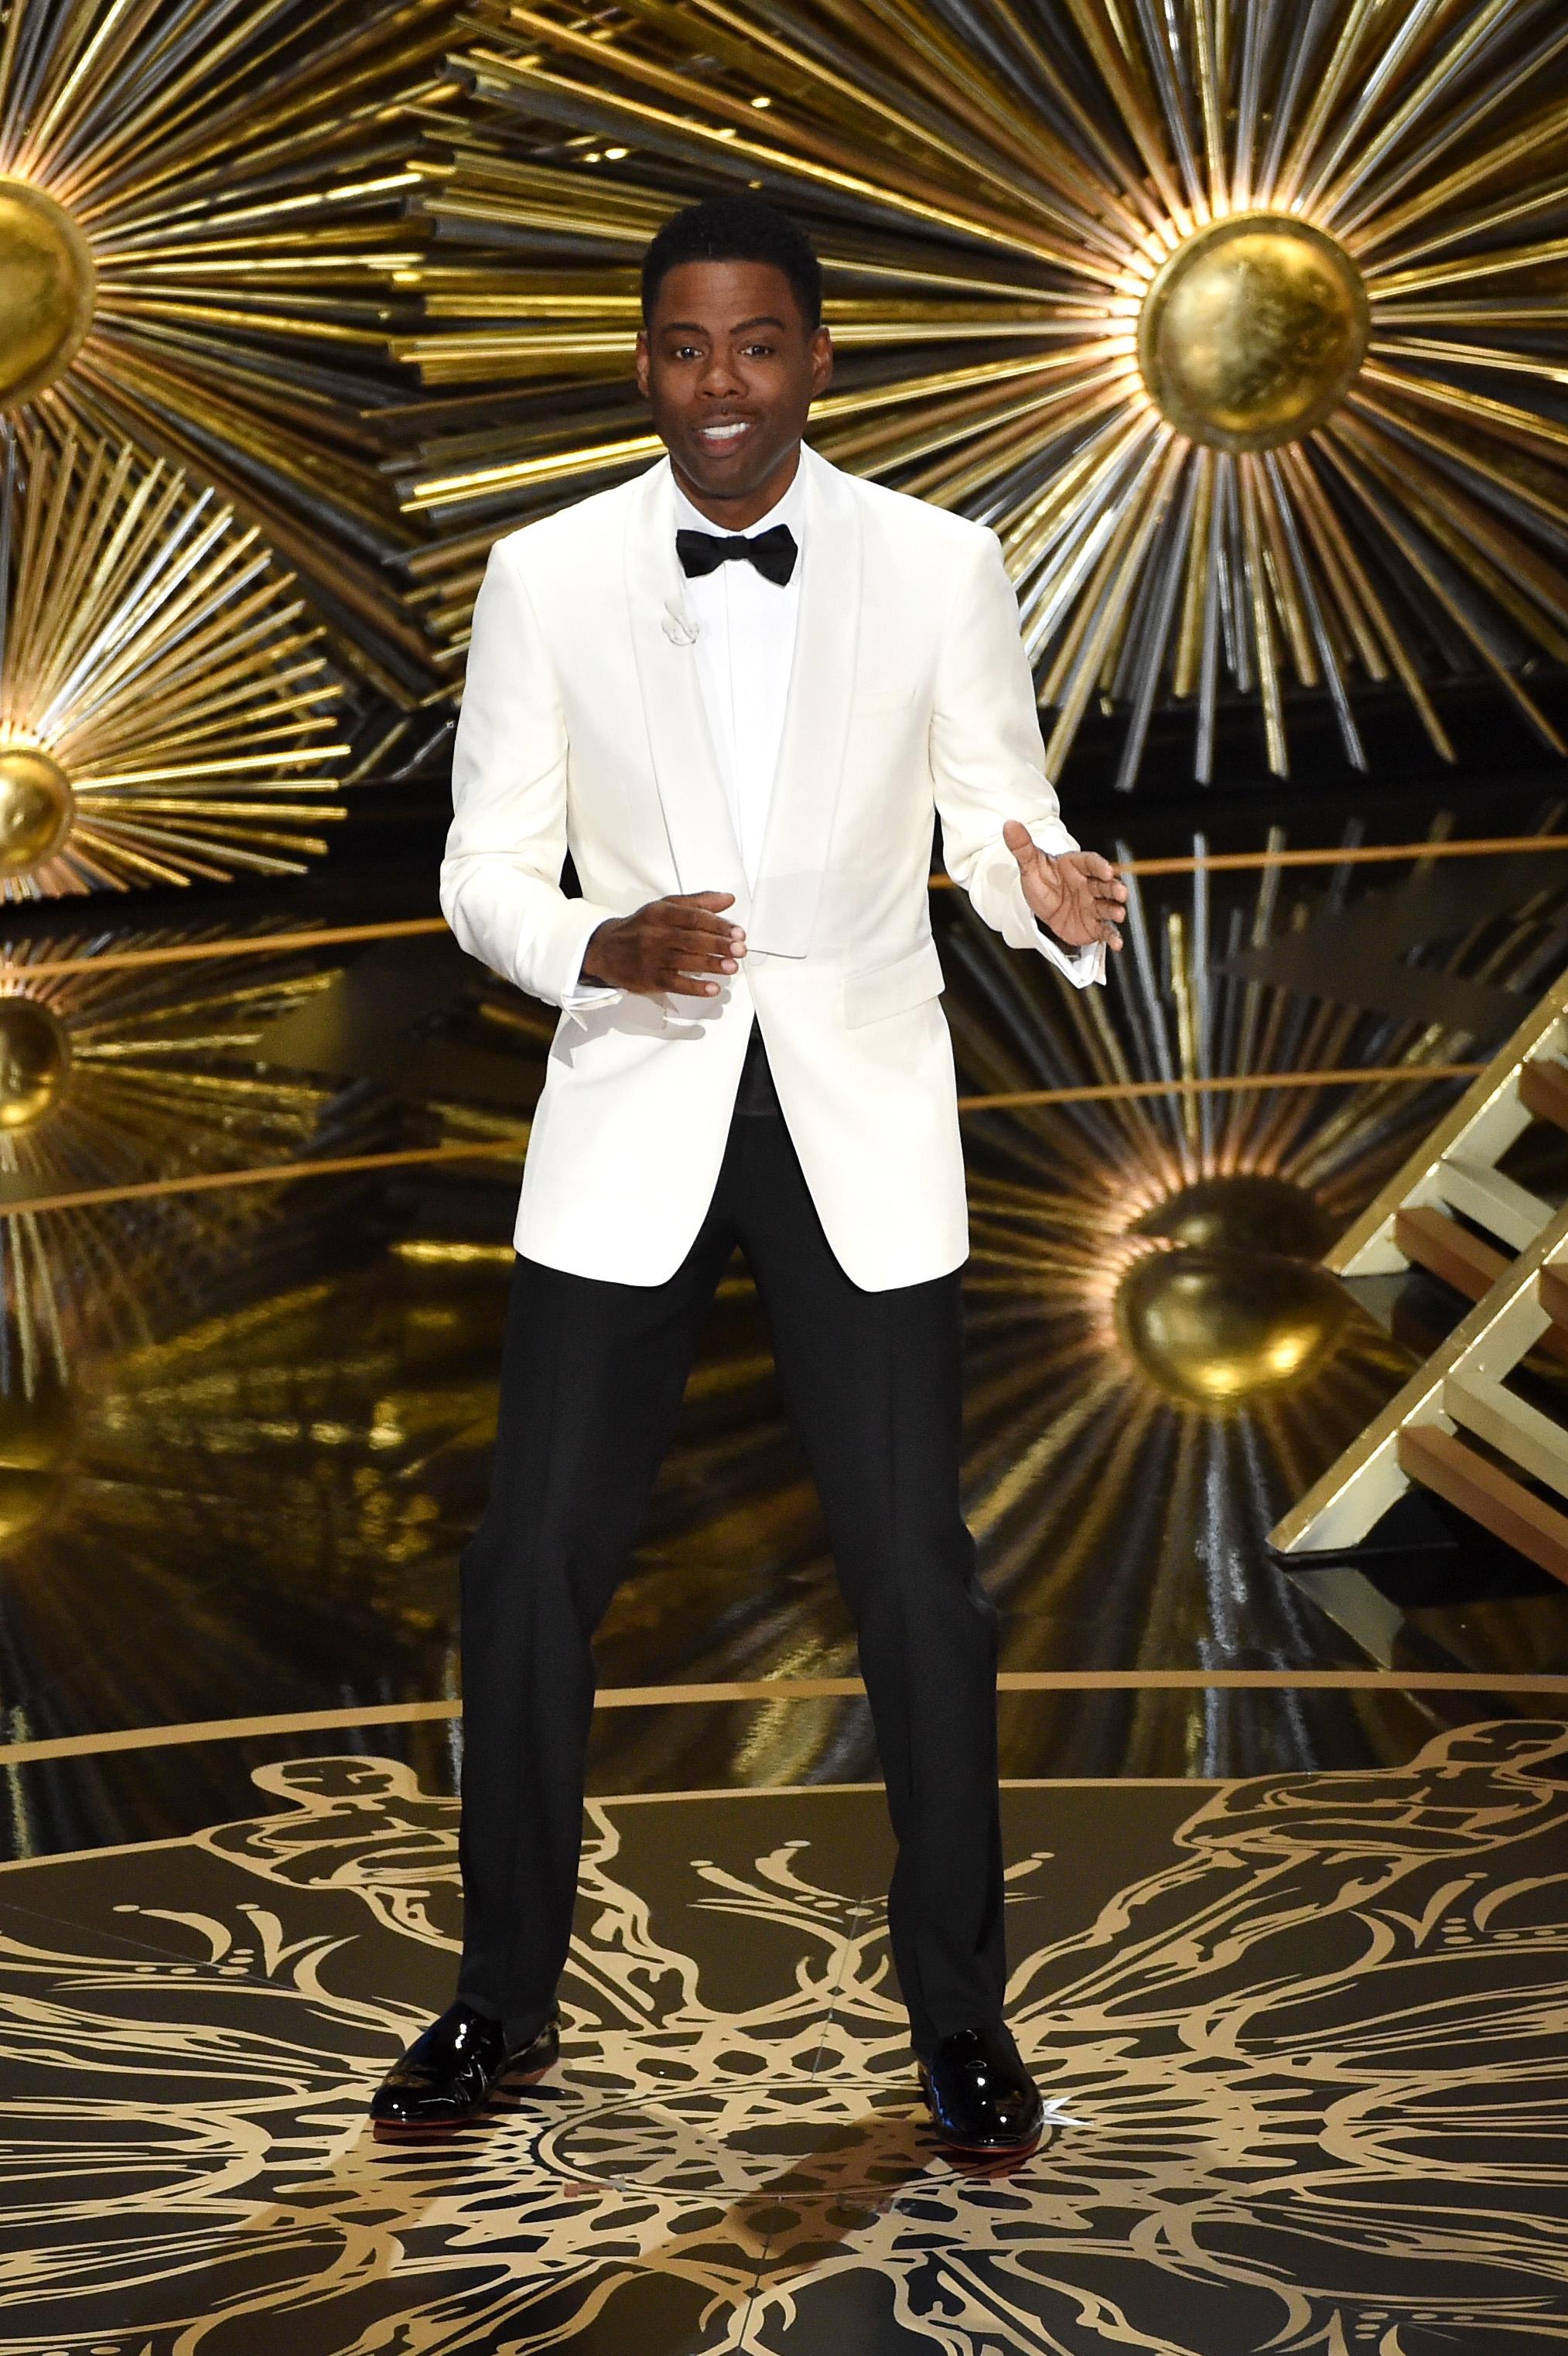 Chris Rock, host of the 88th Annual Academy Awards. (Photo courtesy of The Oscar)